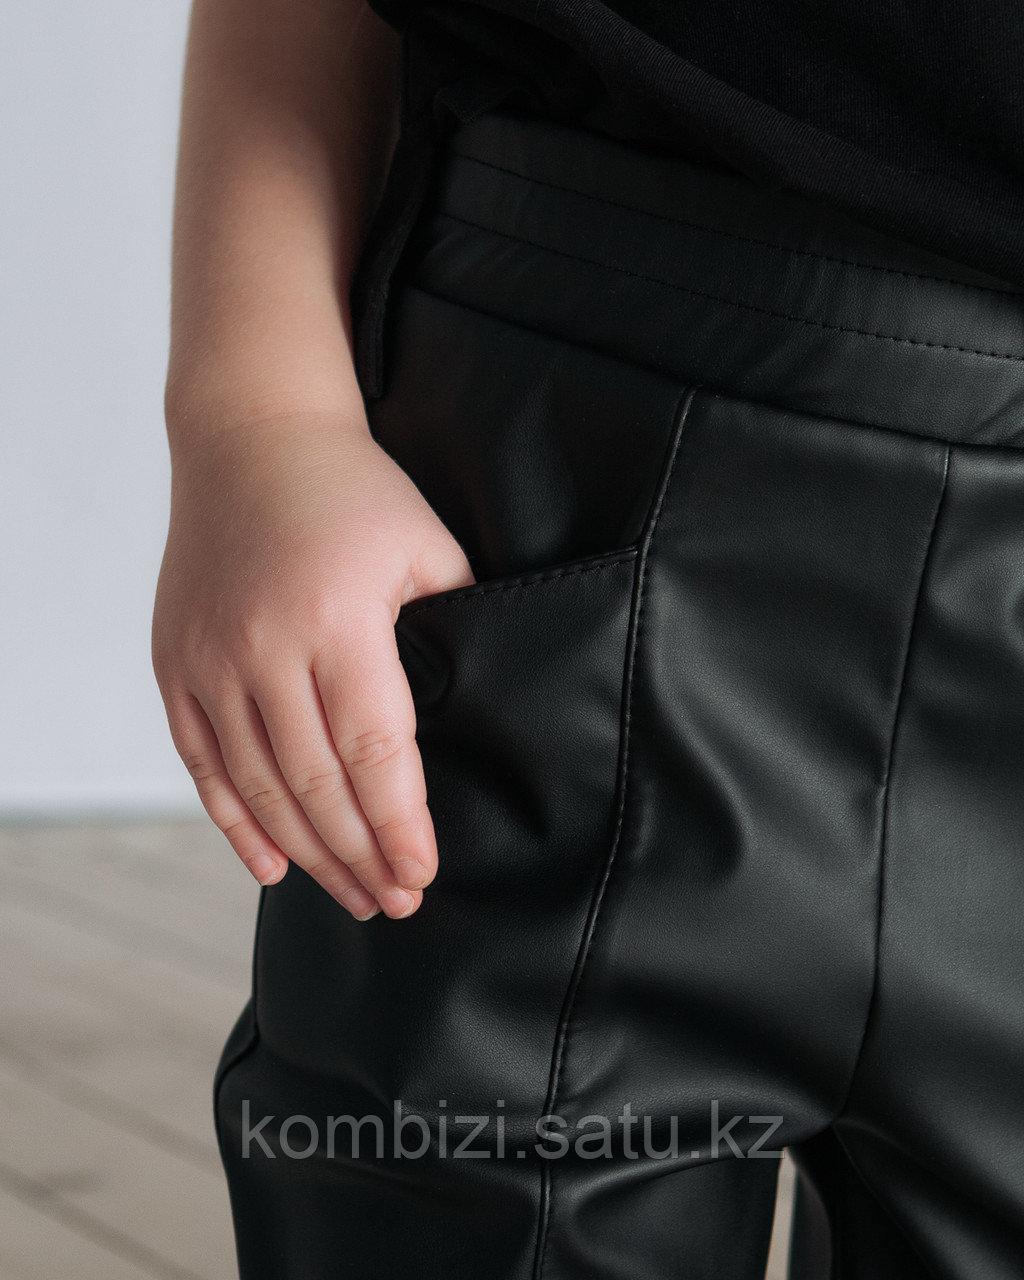 Штаны из экокожи FOR KIDS, черные - фото 3